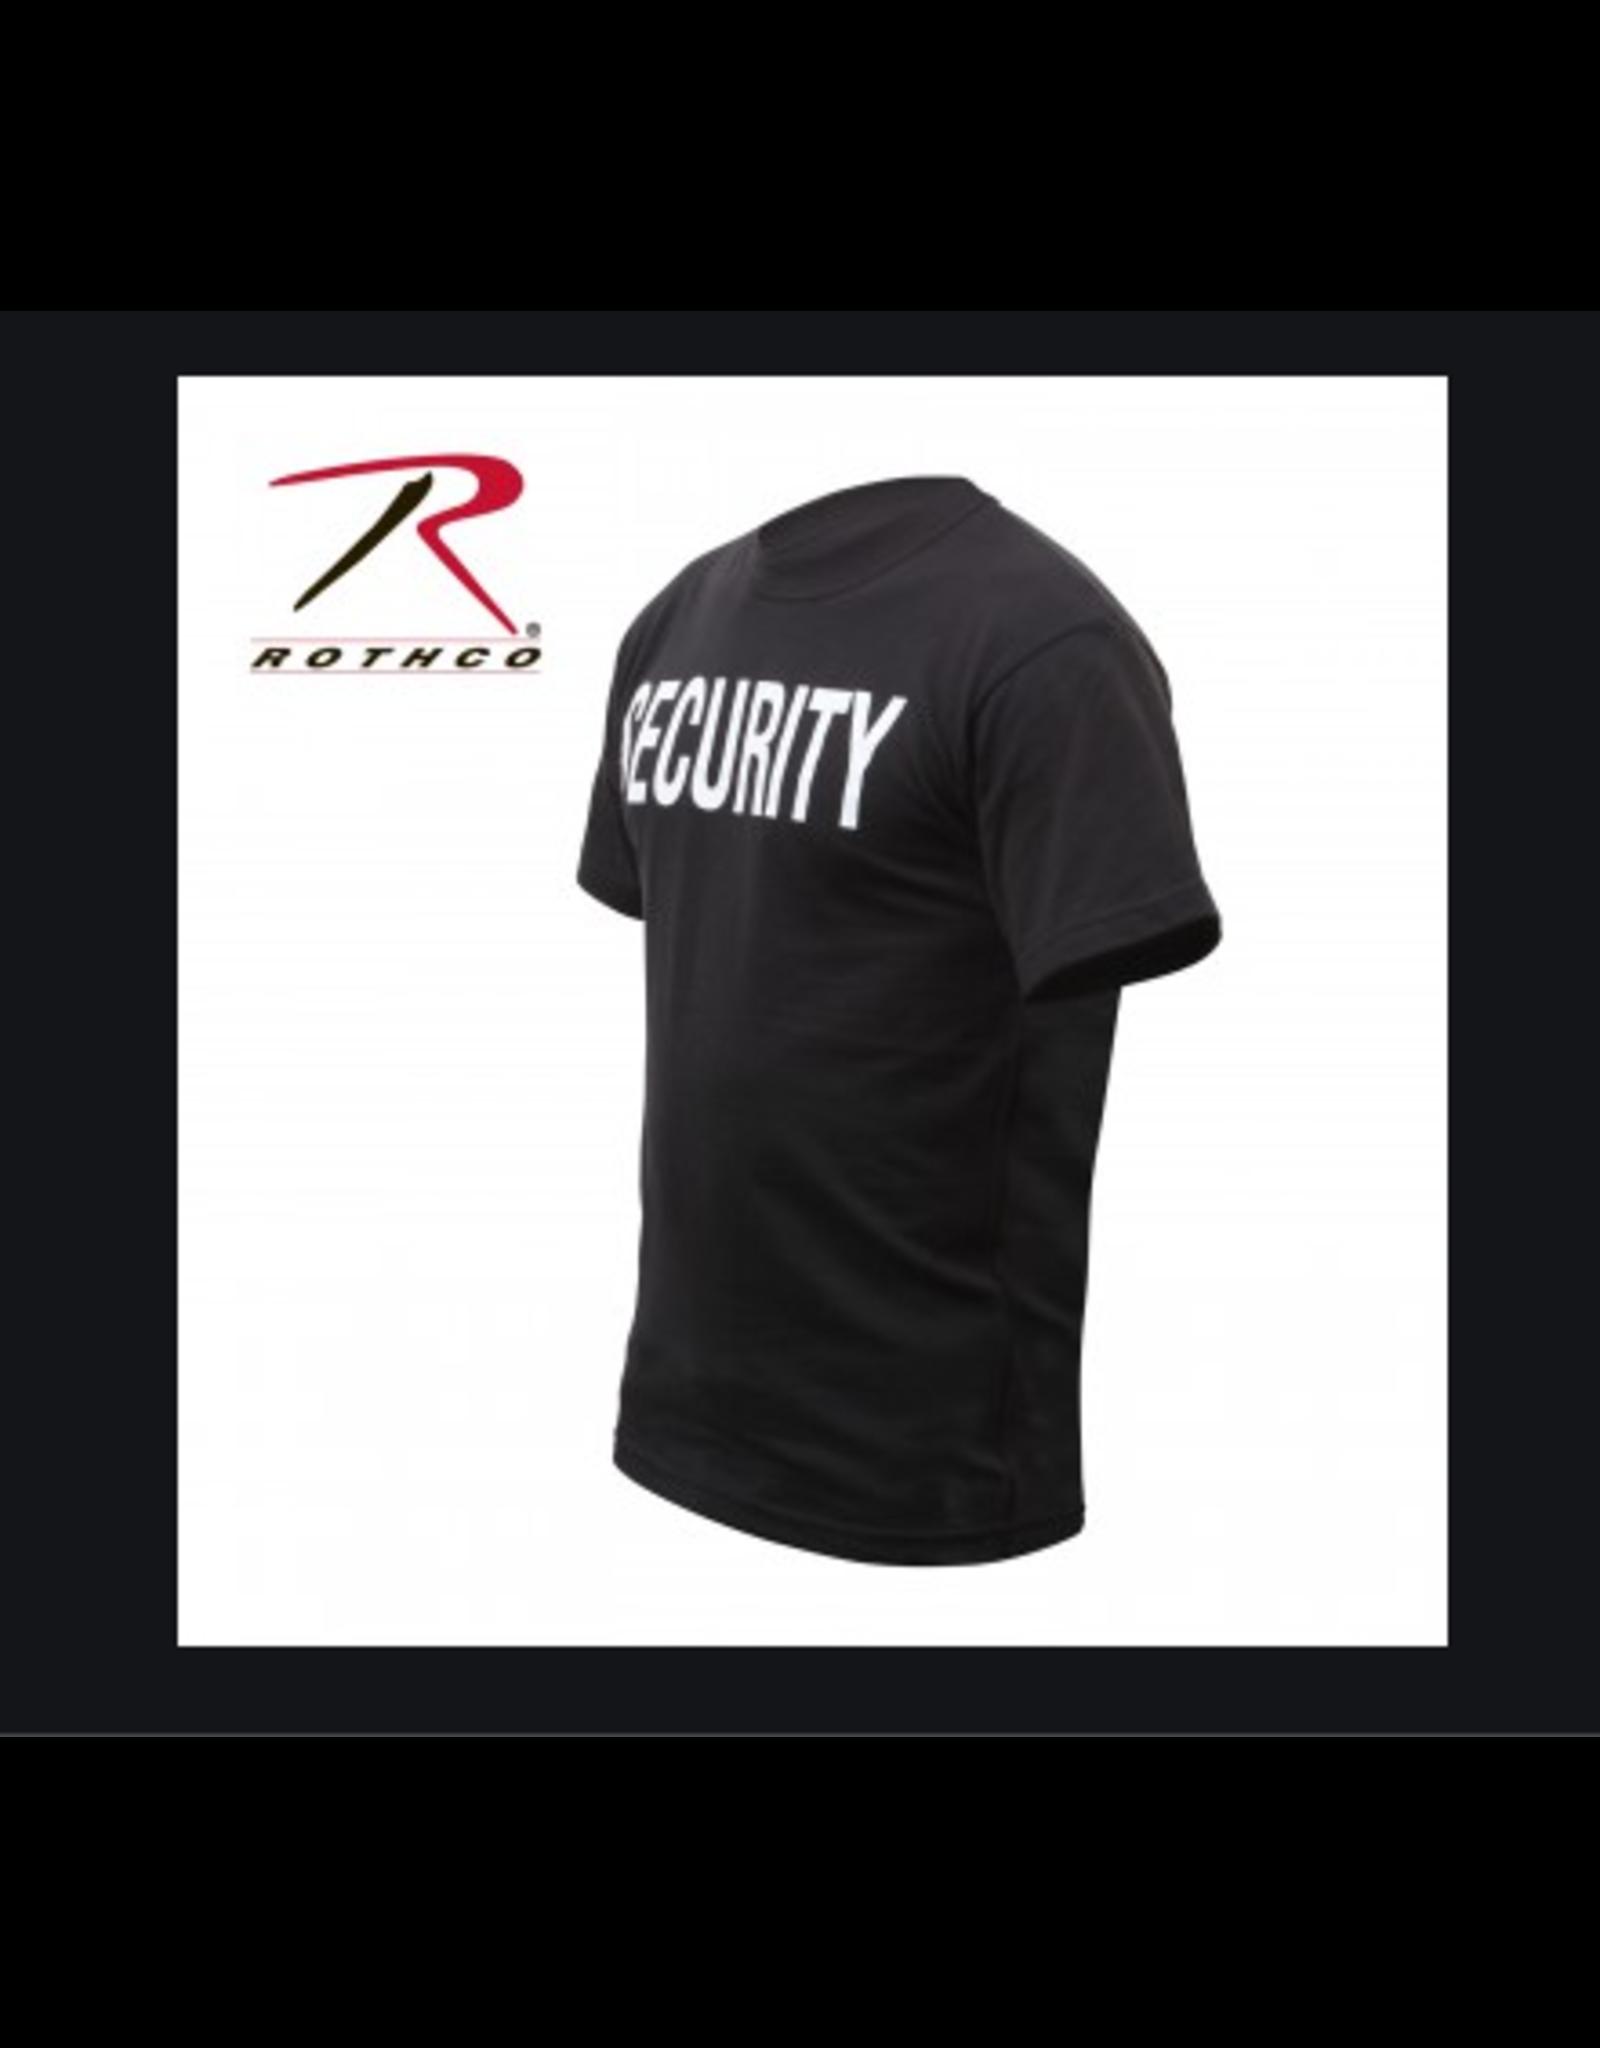 Rothco Rothco Security T-Shirt Small